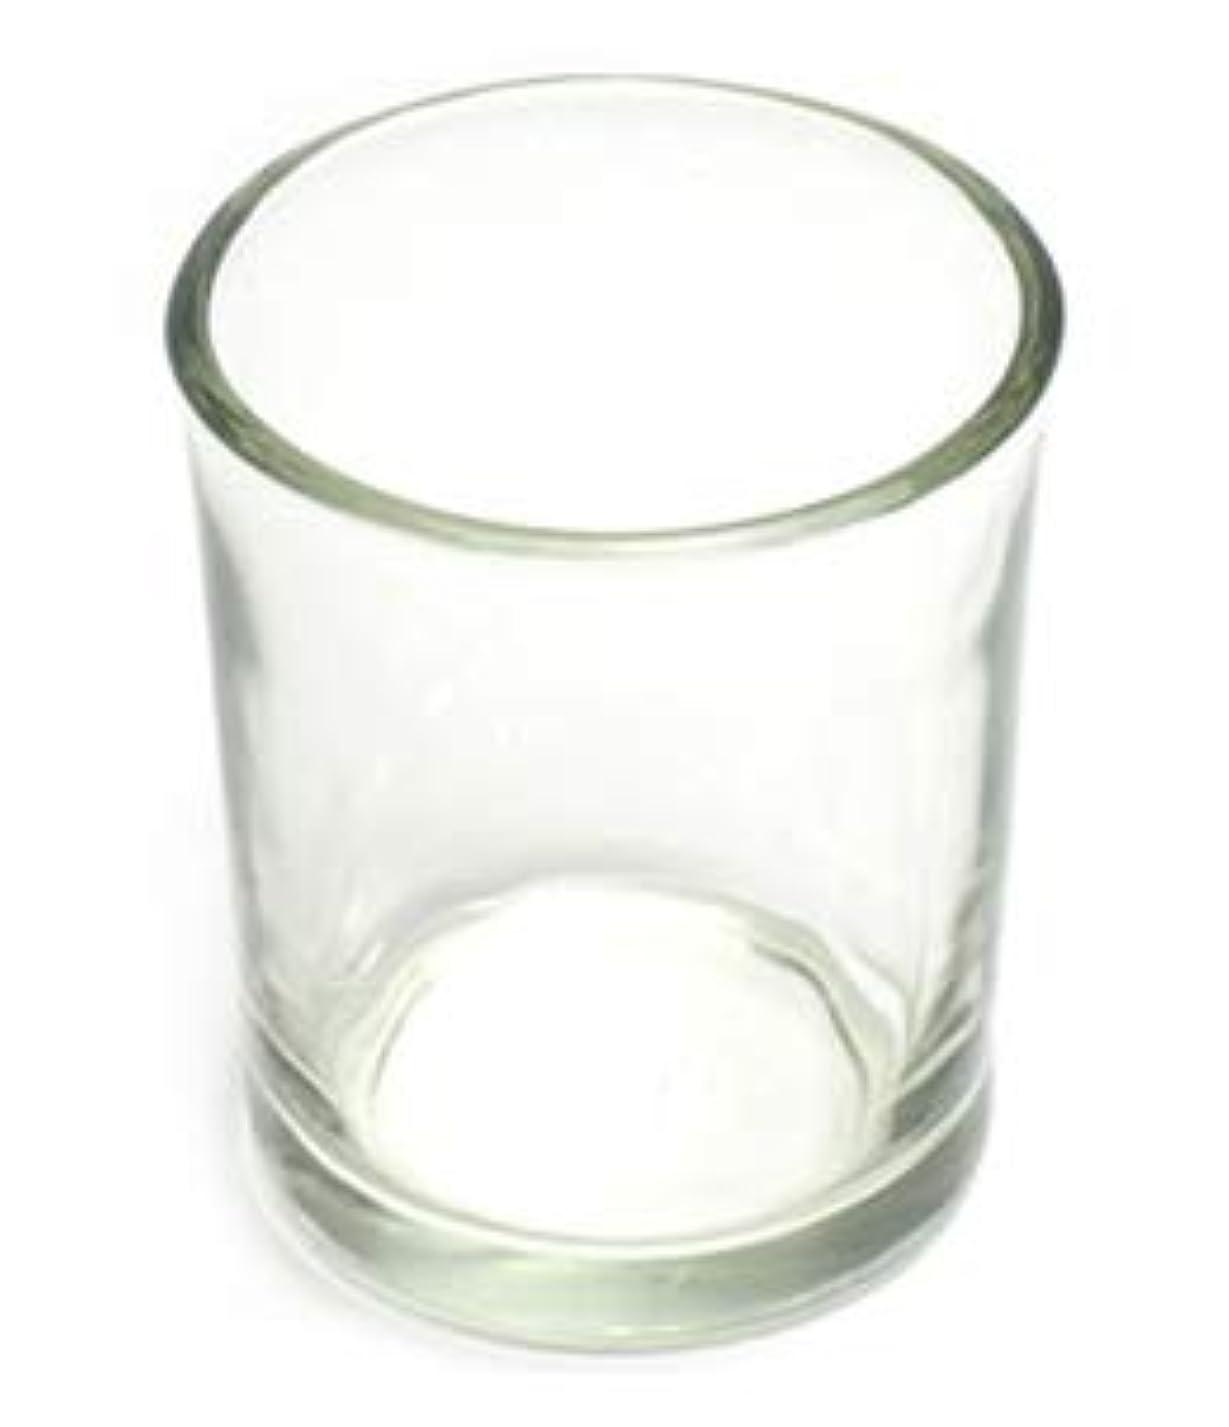 プラグ終わった雑品キャンドルホルダー ガラス シンプル[小] 192個【キャンドルスタンド 透明 クリア おしゃれ ろうそく立て】